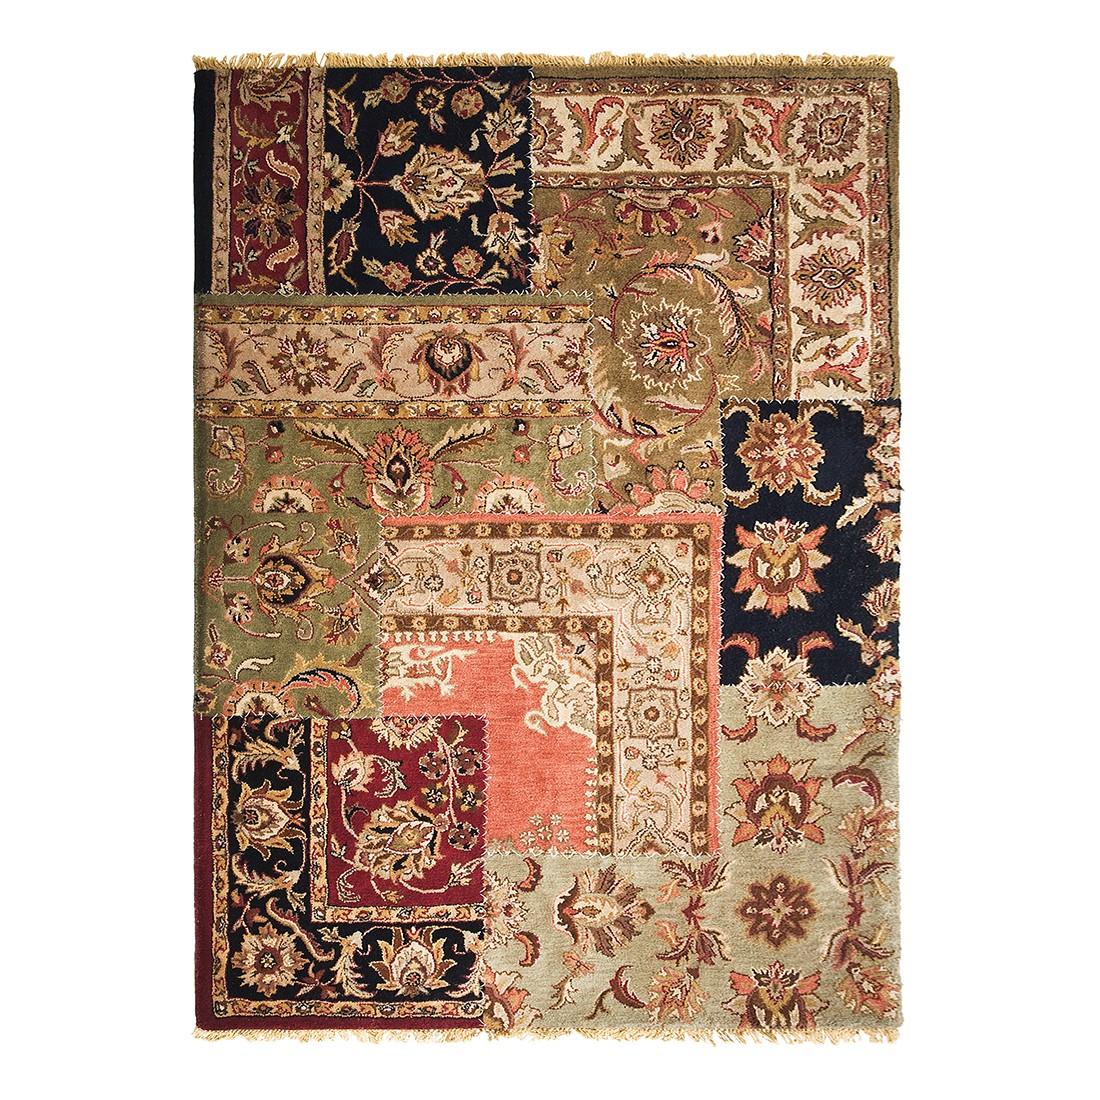 Teppich Persian Patchwork – Wolle/Mehrfarbig – 240 cm x 170 cm, Kare Design günstig kaufen